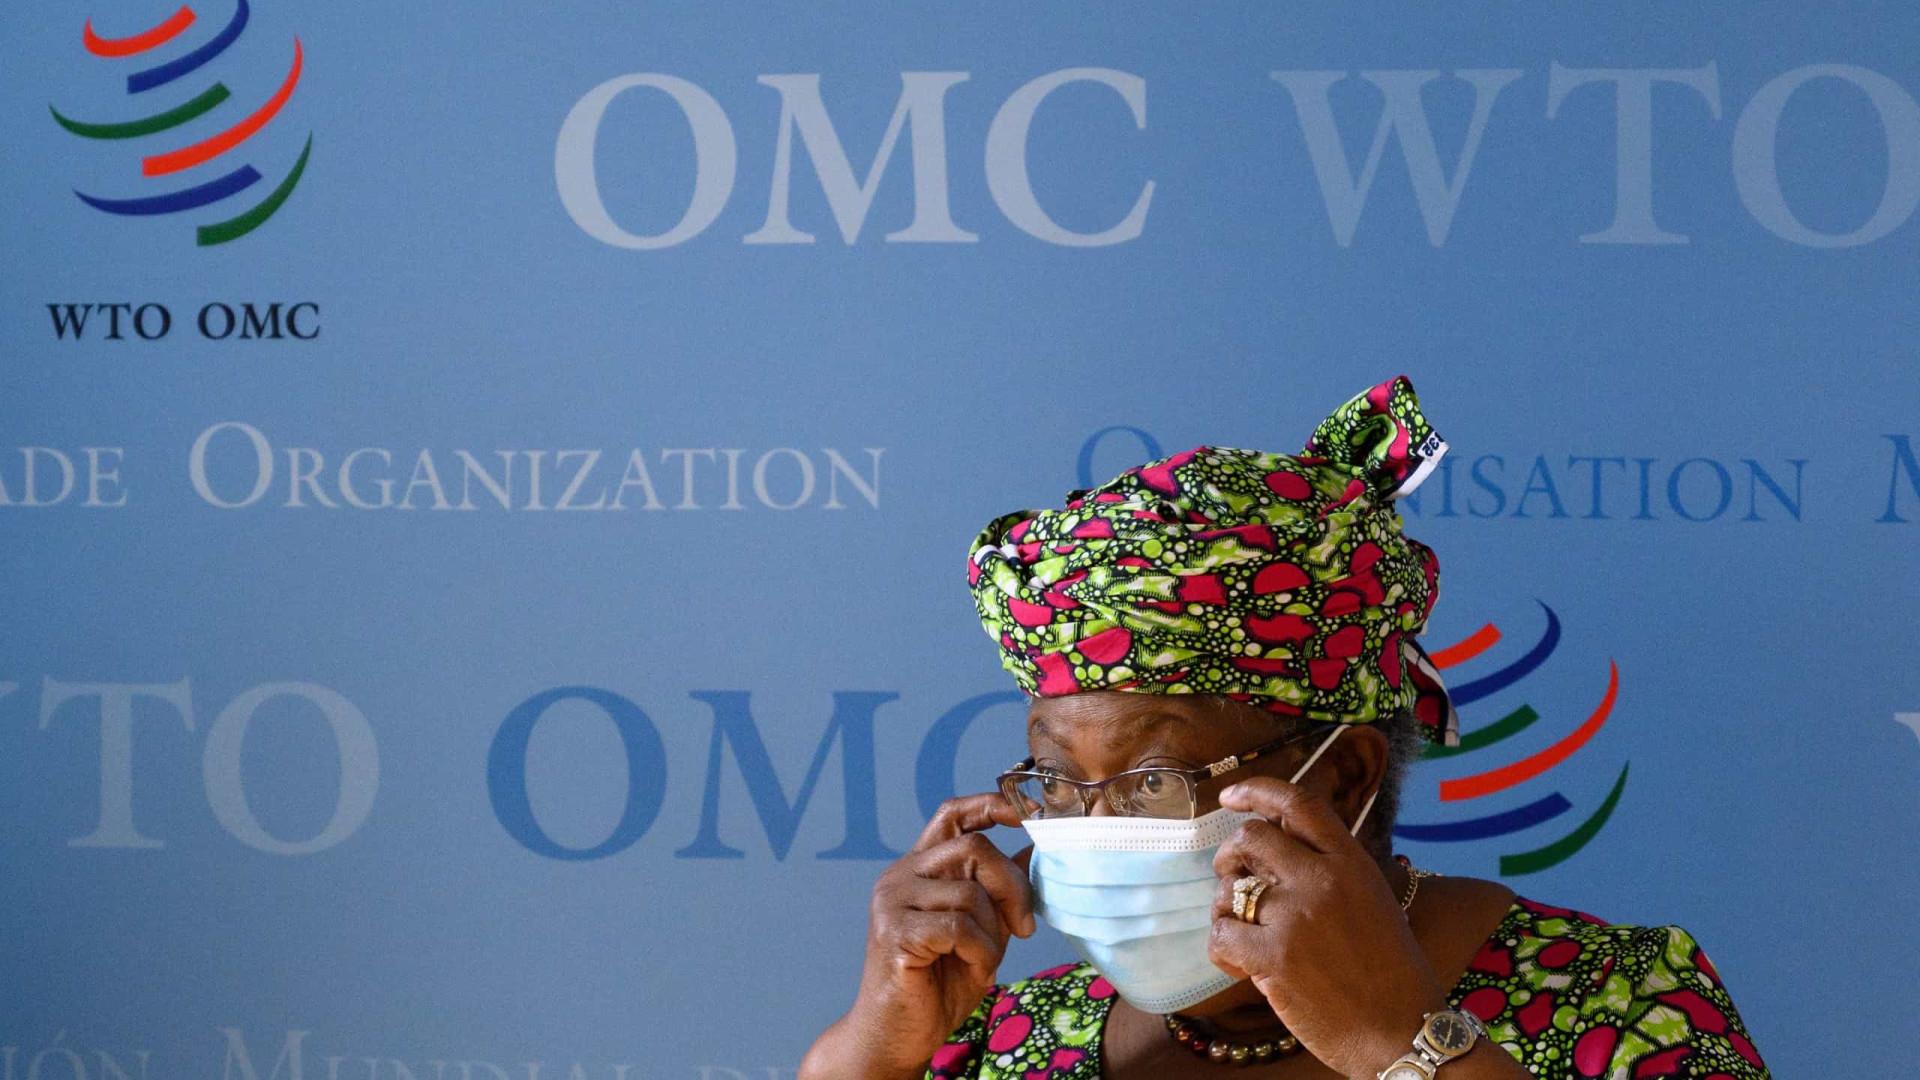 """Covid-19: OMC pede """"caminho sustentável"""" para recuperação económica"""